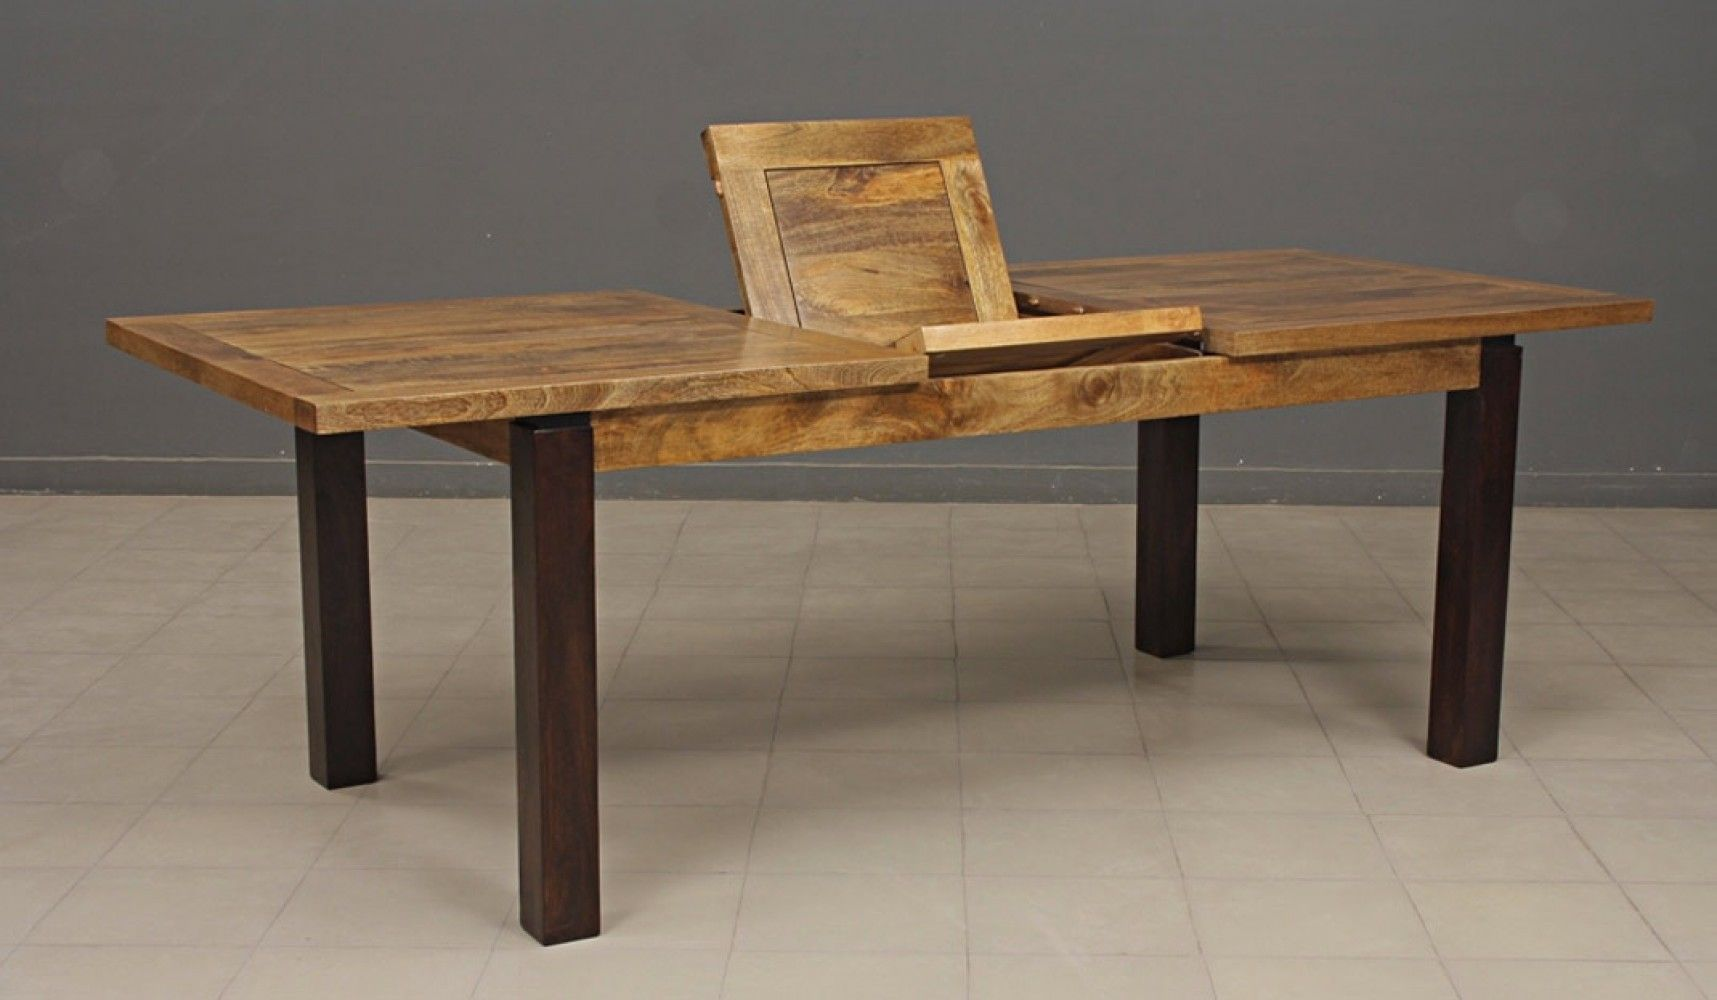 Beau Table De Salle A Manger Avec Rallonge En Bois Avec Amazing Table Style Industriel Avec Table Salle A Manger